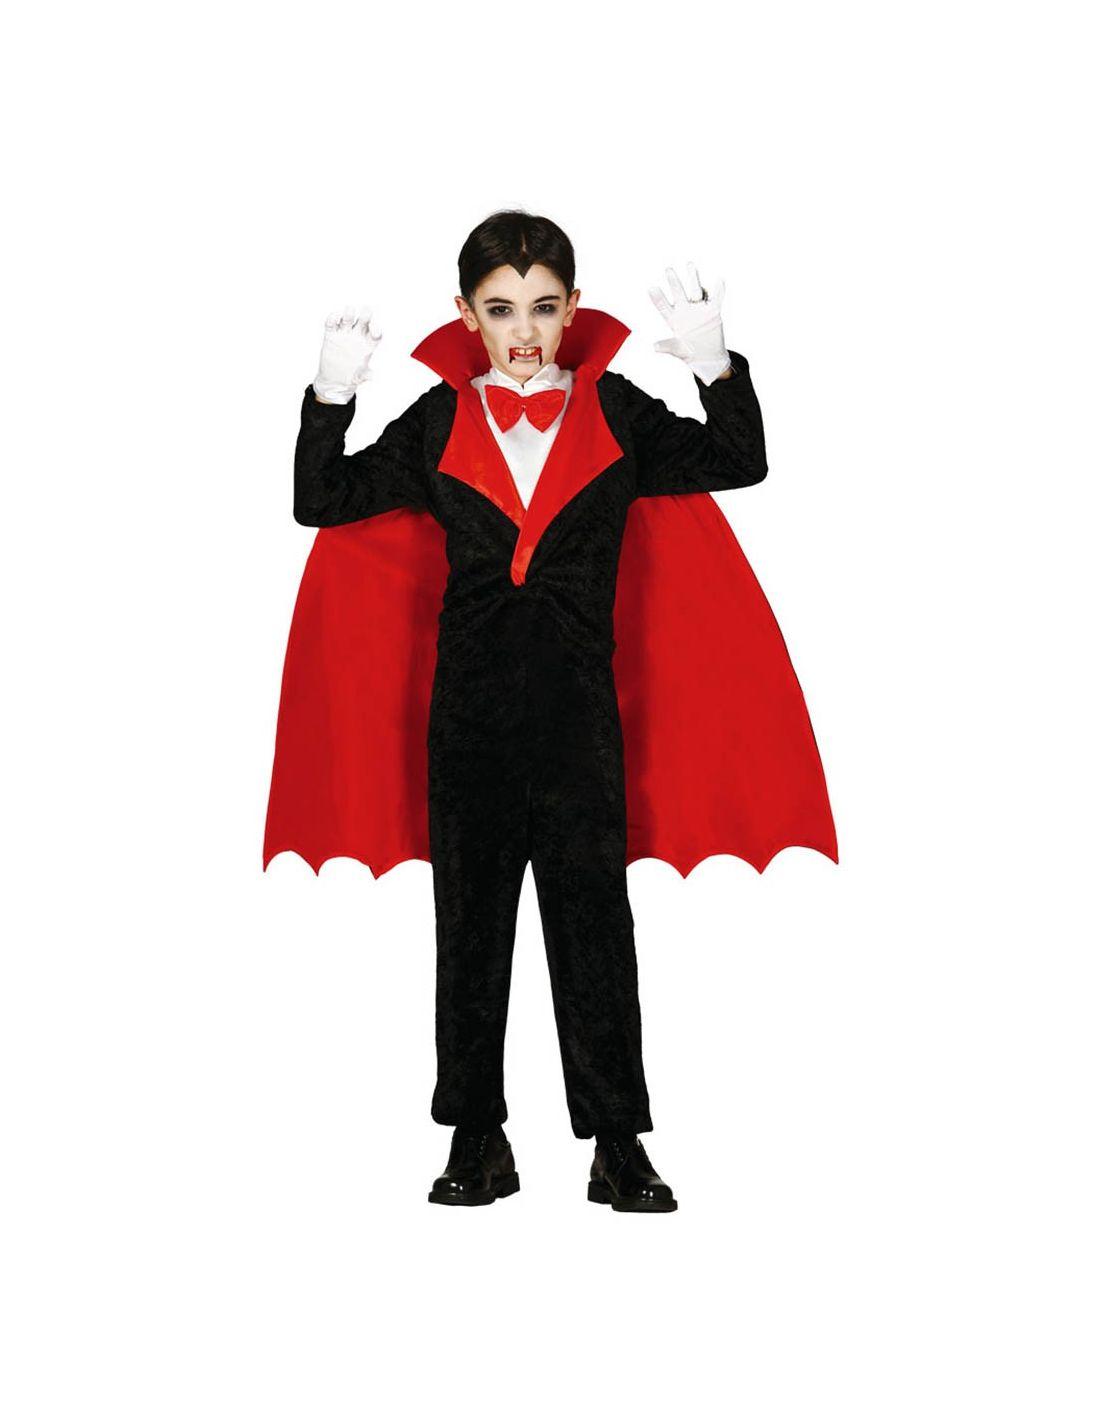 Mercadisfraces Drácula Vampiros y Disfraces Vampiros Disfraces Drácula y 7xv0Bgqw